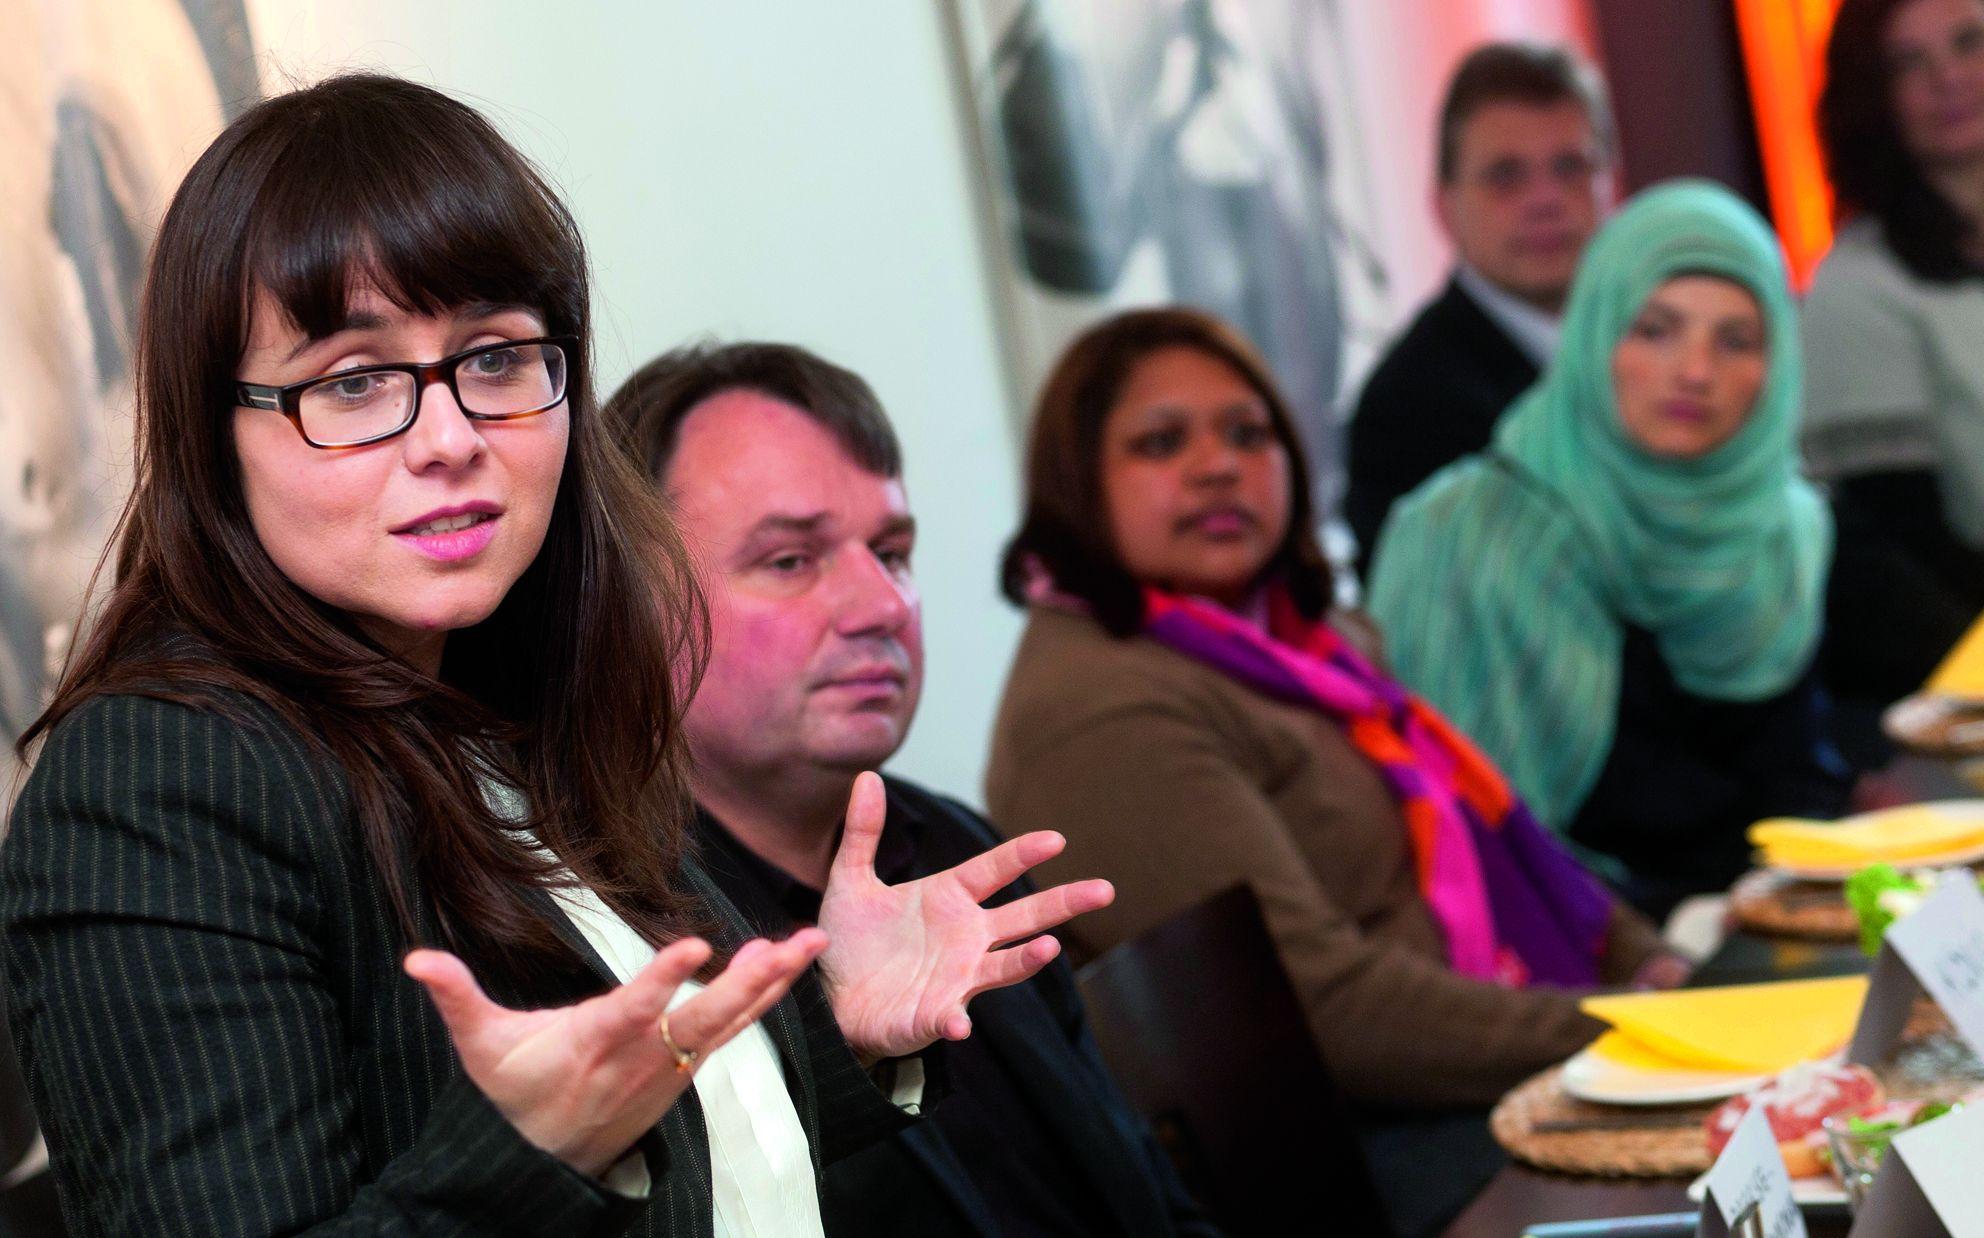 Lebhafte Diskussion um Mettbrötchen: Frühstück in einem Café in Witten mit CDU-Kommunalpolitikern und Mitgliedern von Moscheevereinen, Foto: Thomas Seuthe